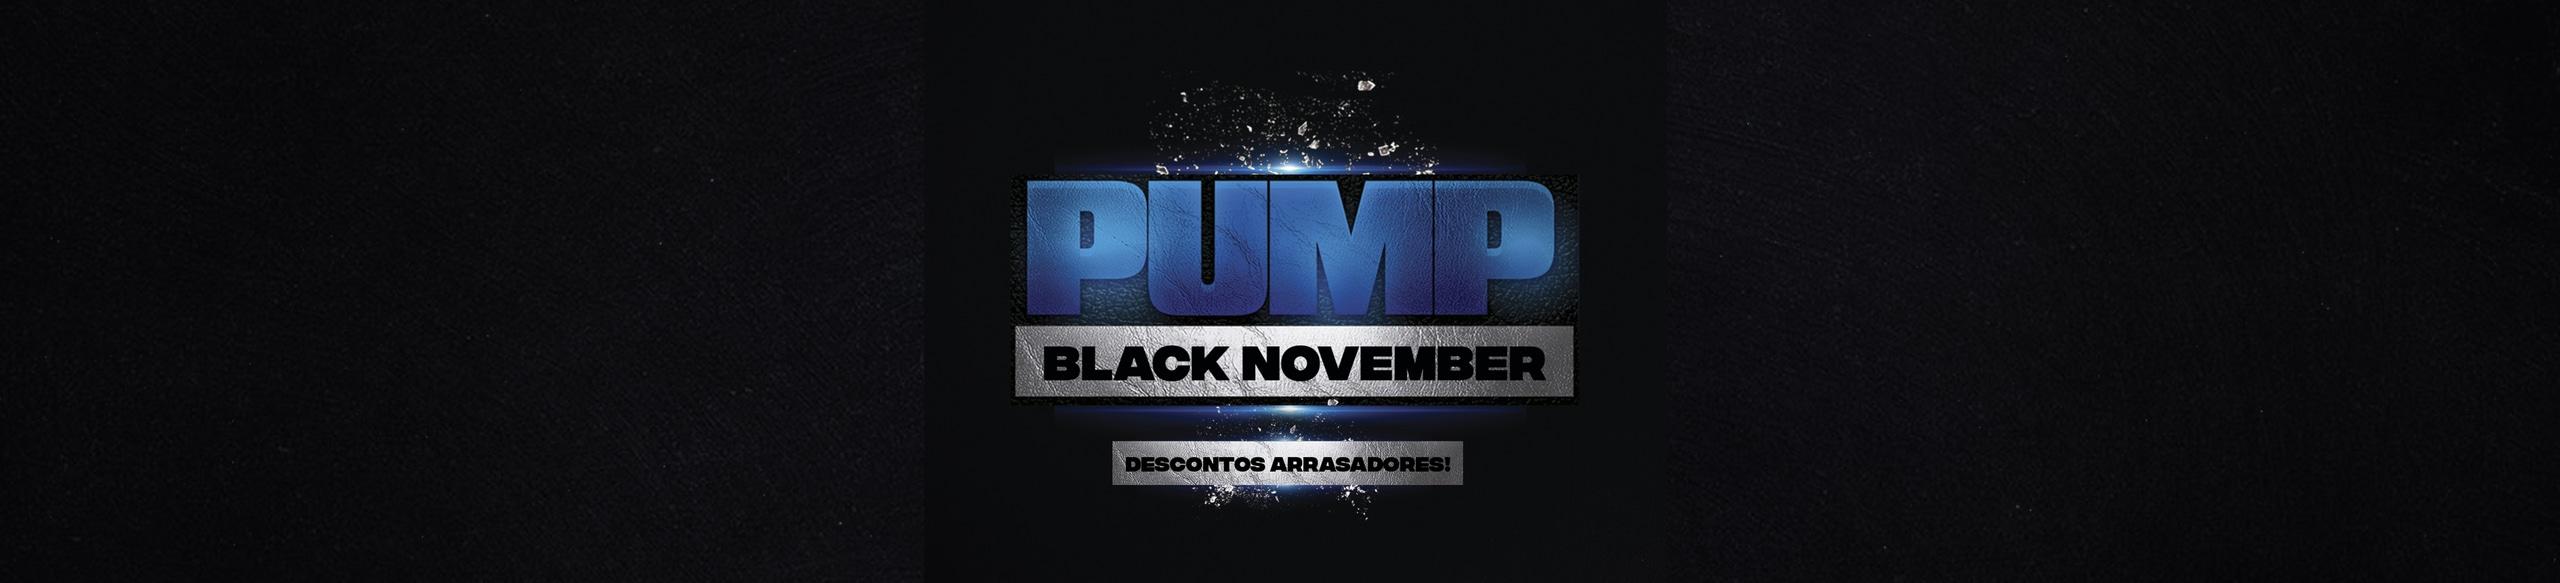 Black November - Semana 1